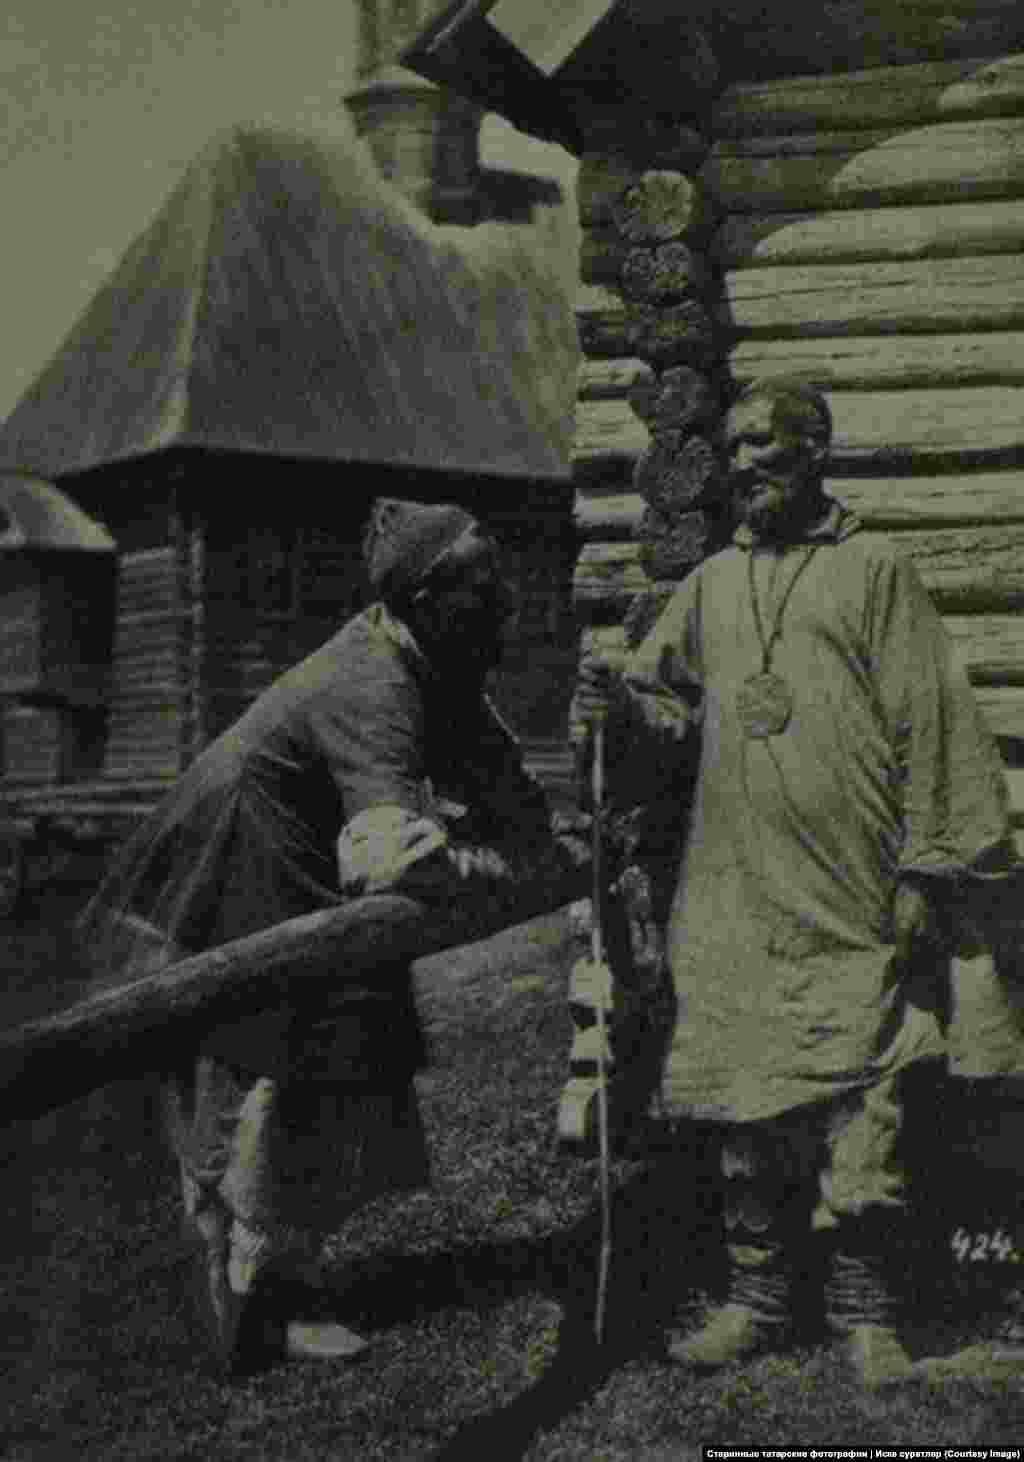 Эта одна из самых старых фотографий в коллекции Наиля – татары Симбирской губернии в 1870 году